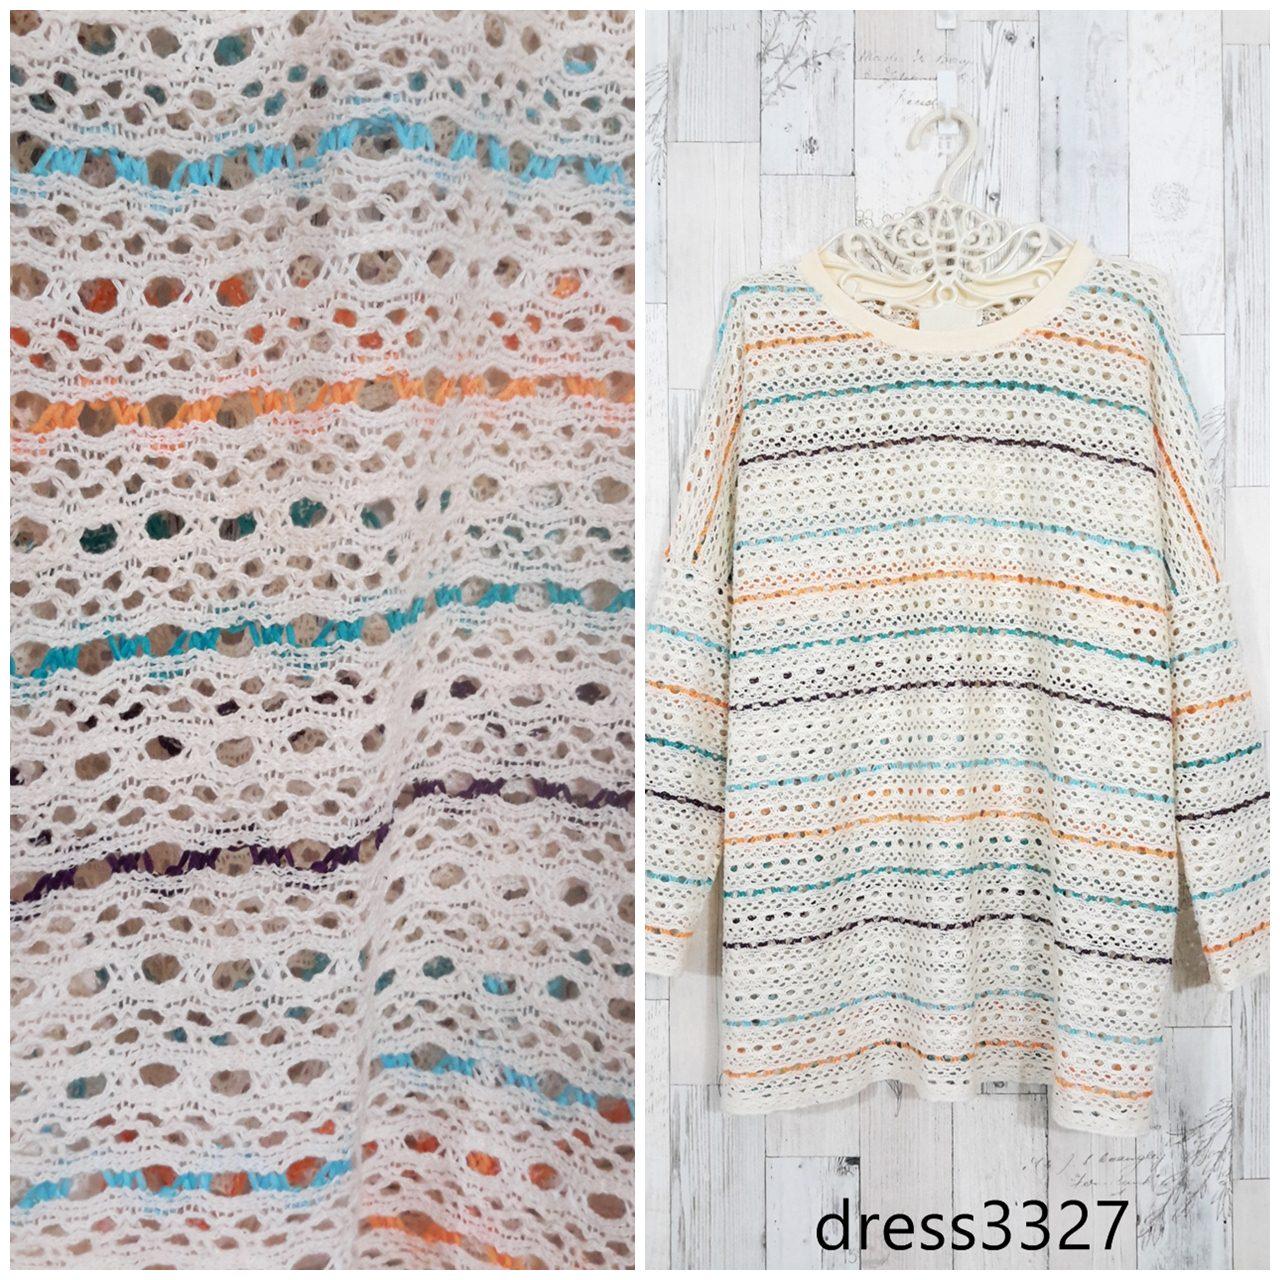 Dress3327 Oversized/Big Size Dress ชุดเดรสไซส์ใหญ่ คอกลม แขนยาว ผ้าไหมพรมถักเนื้อนิ่มสีครีมสลับสีคัลเลอร์ฟูล